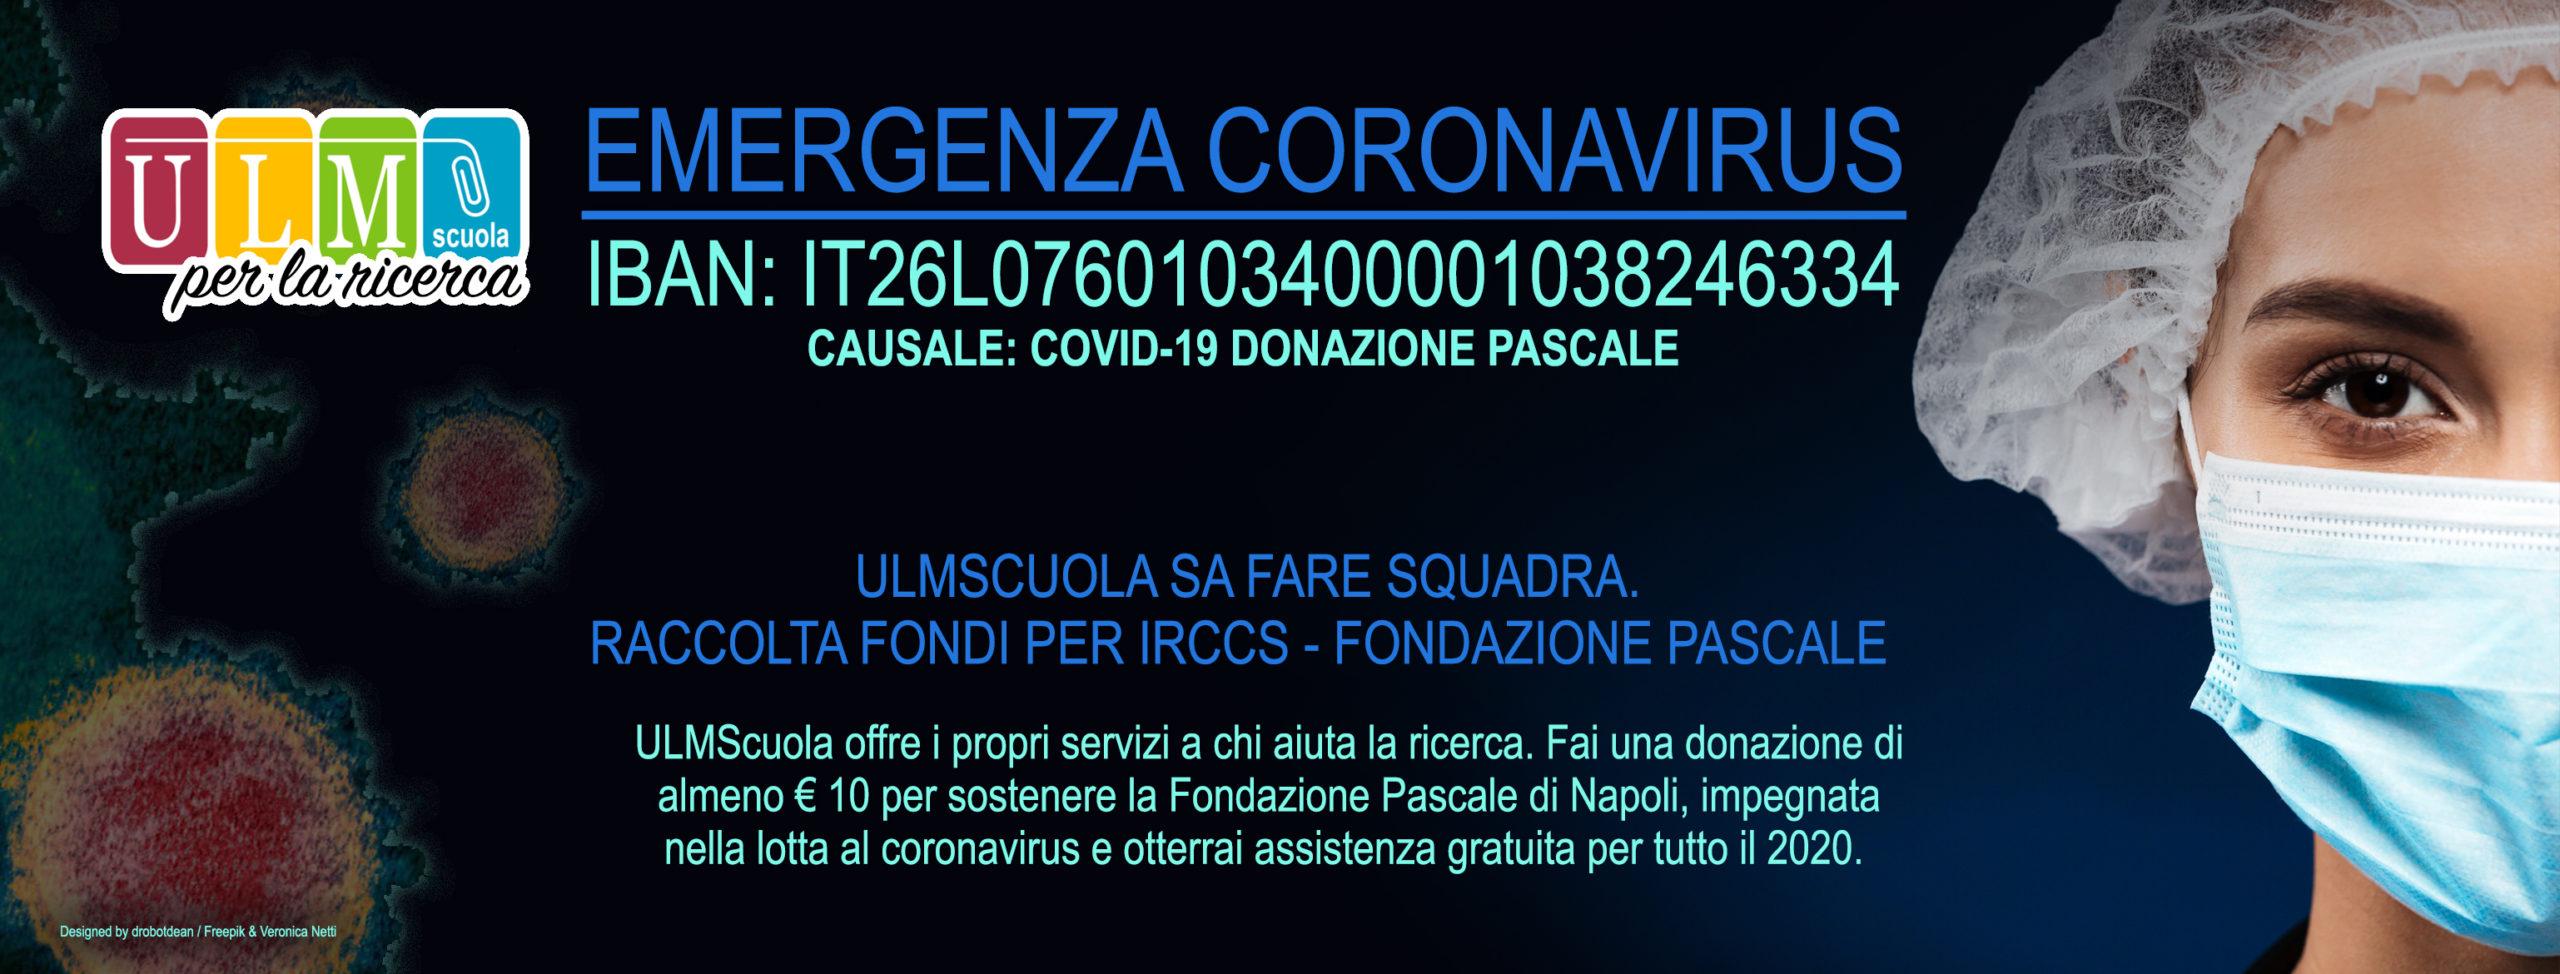 ULMScuola sostiene la Fondazione Pascale di Napoli